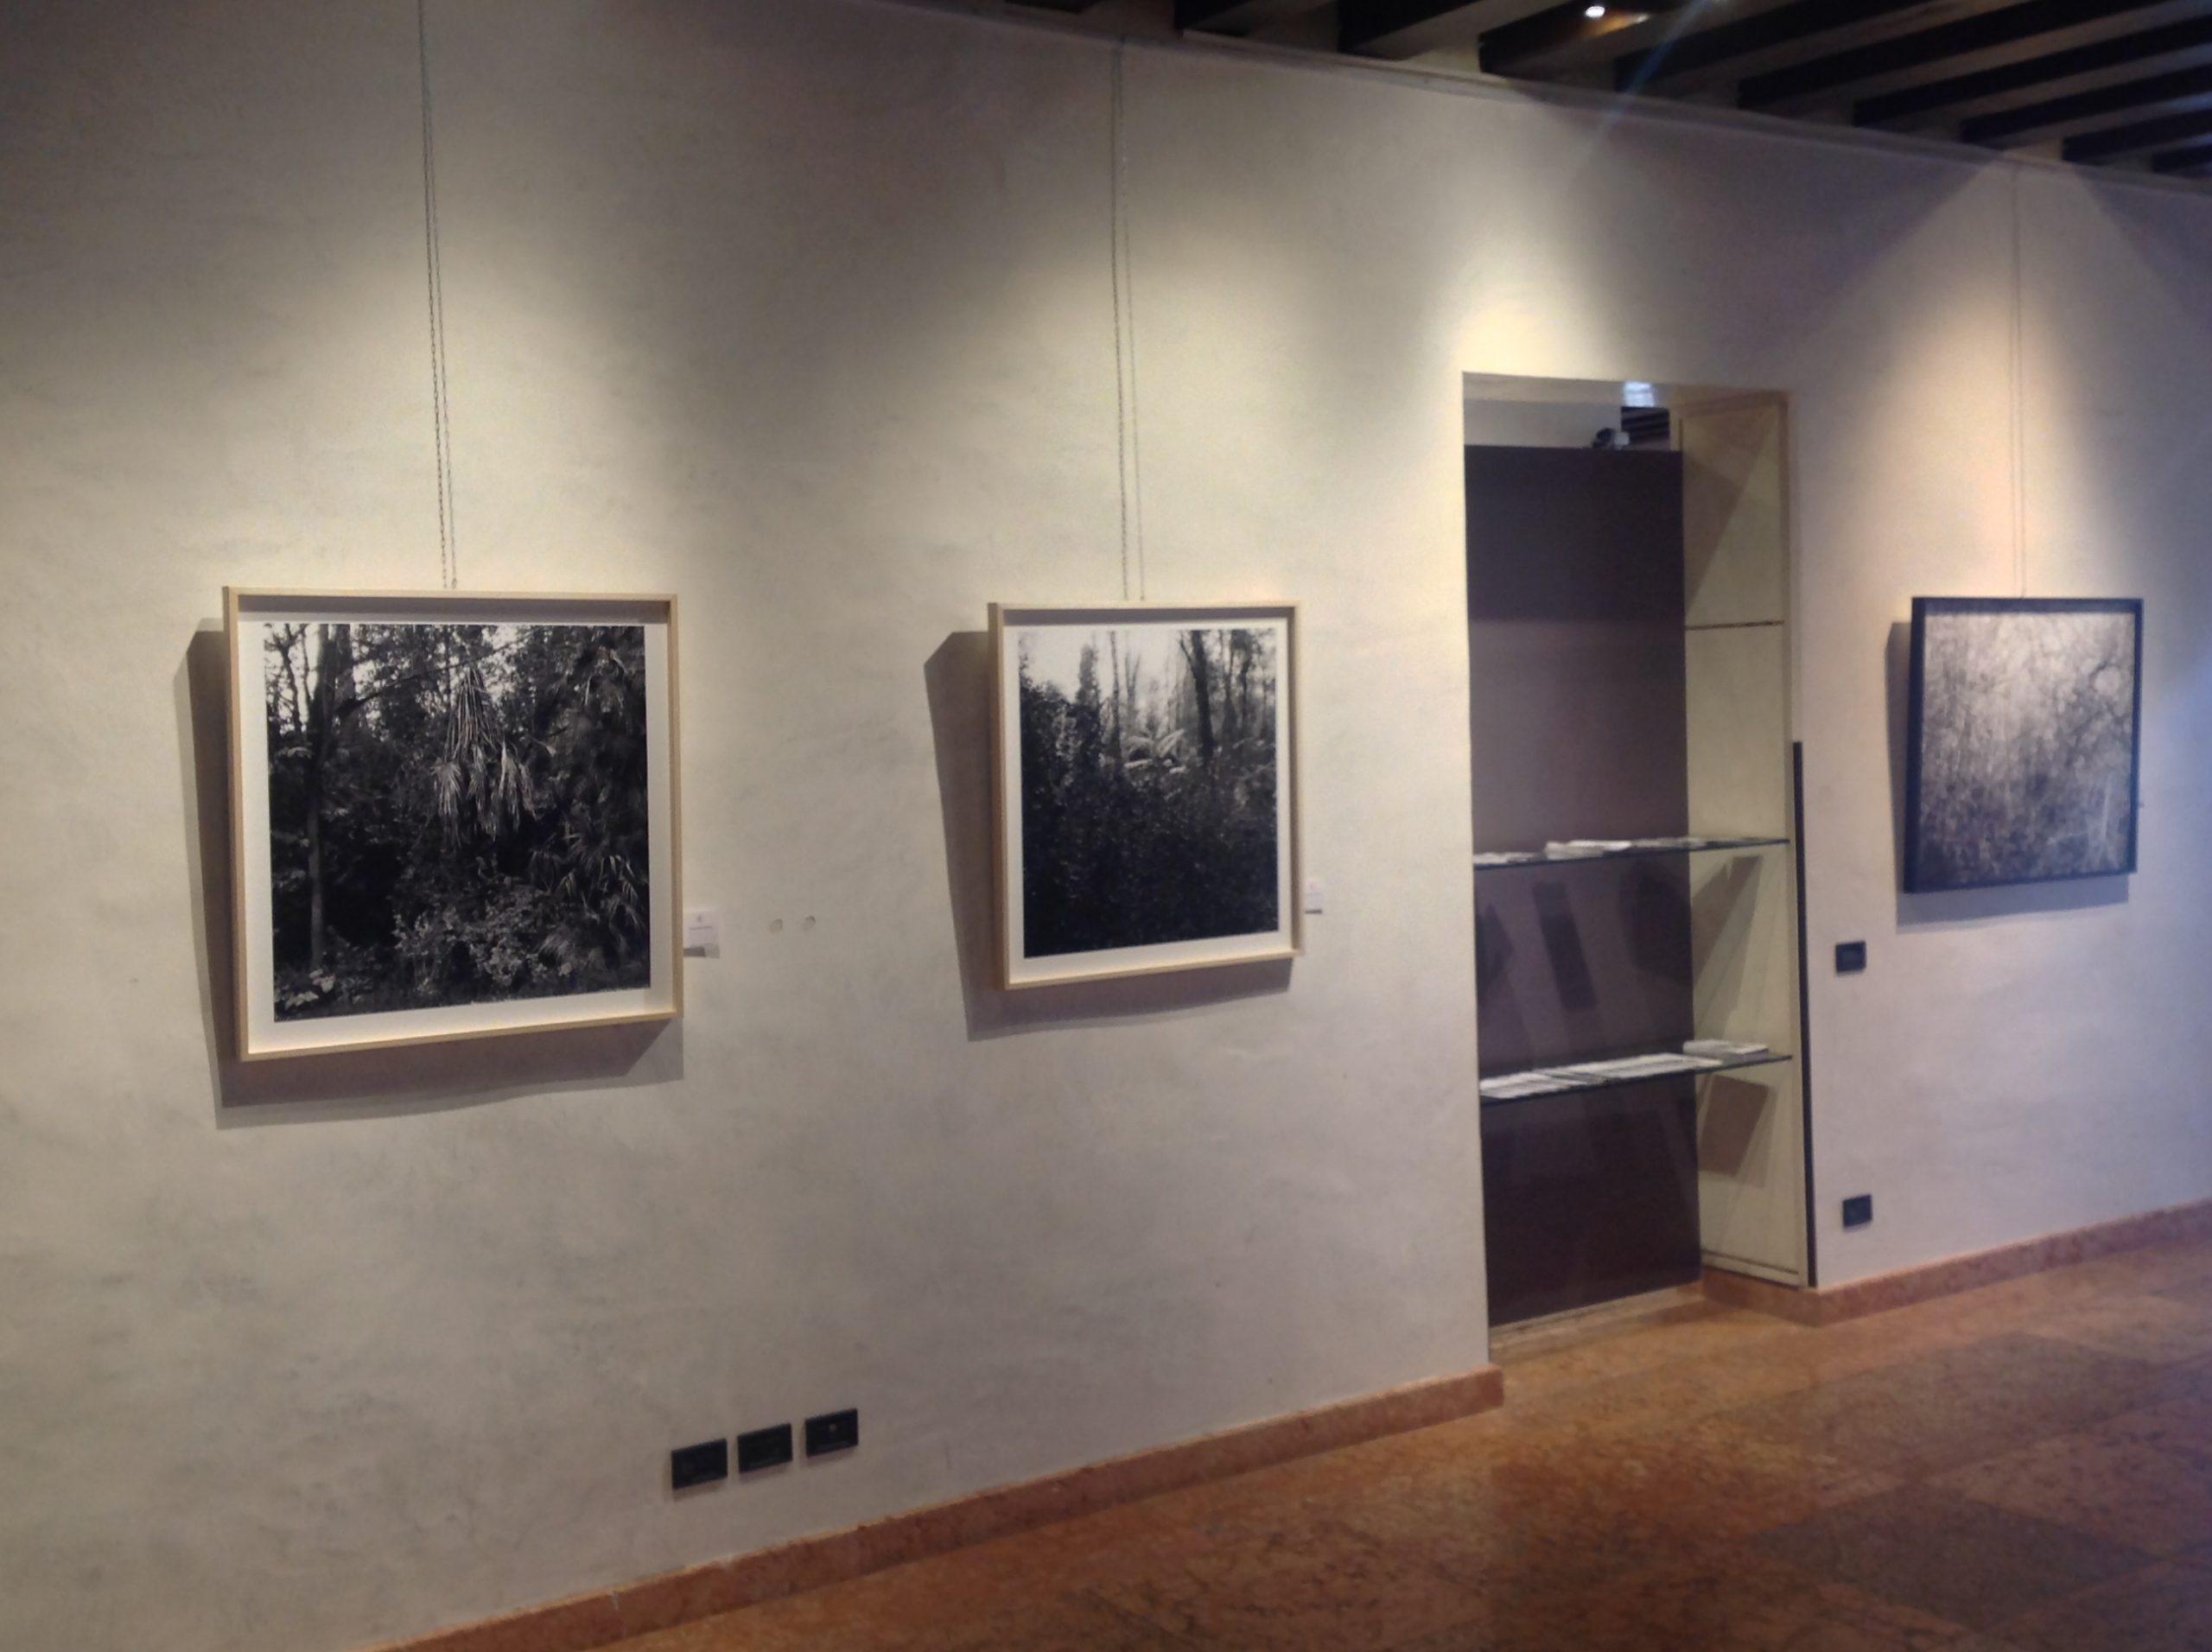 Riccardo Squillantini, Rumori silenziosi, mostra personale, a cura di Alain Chivilò_Casa dei Carraresi_Treviso (14)